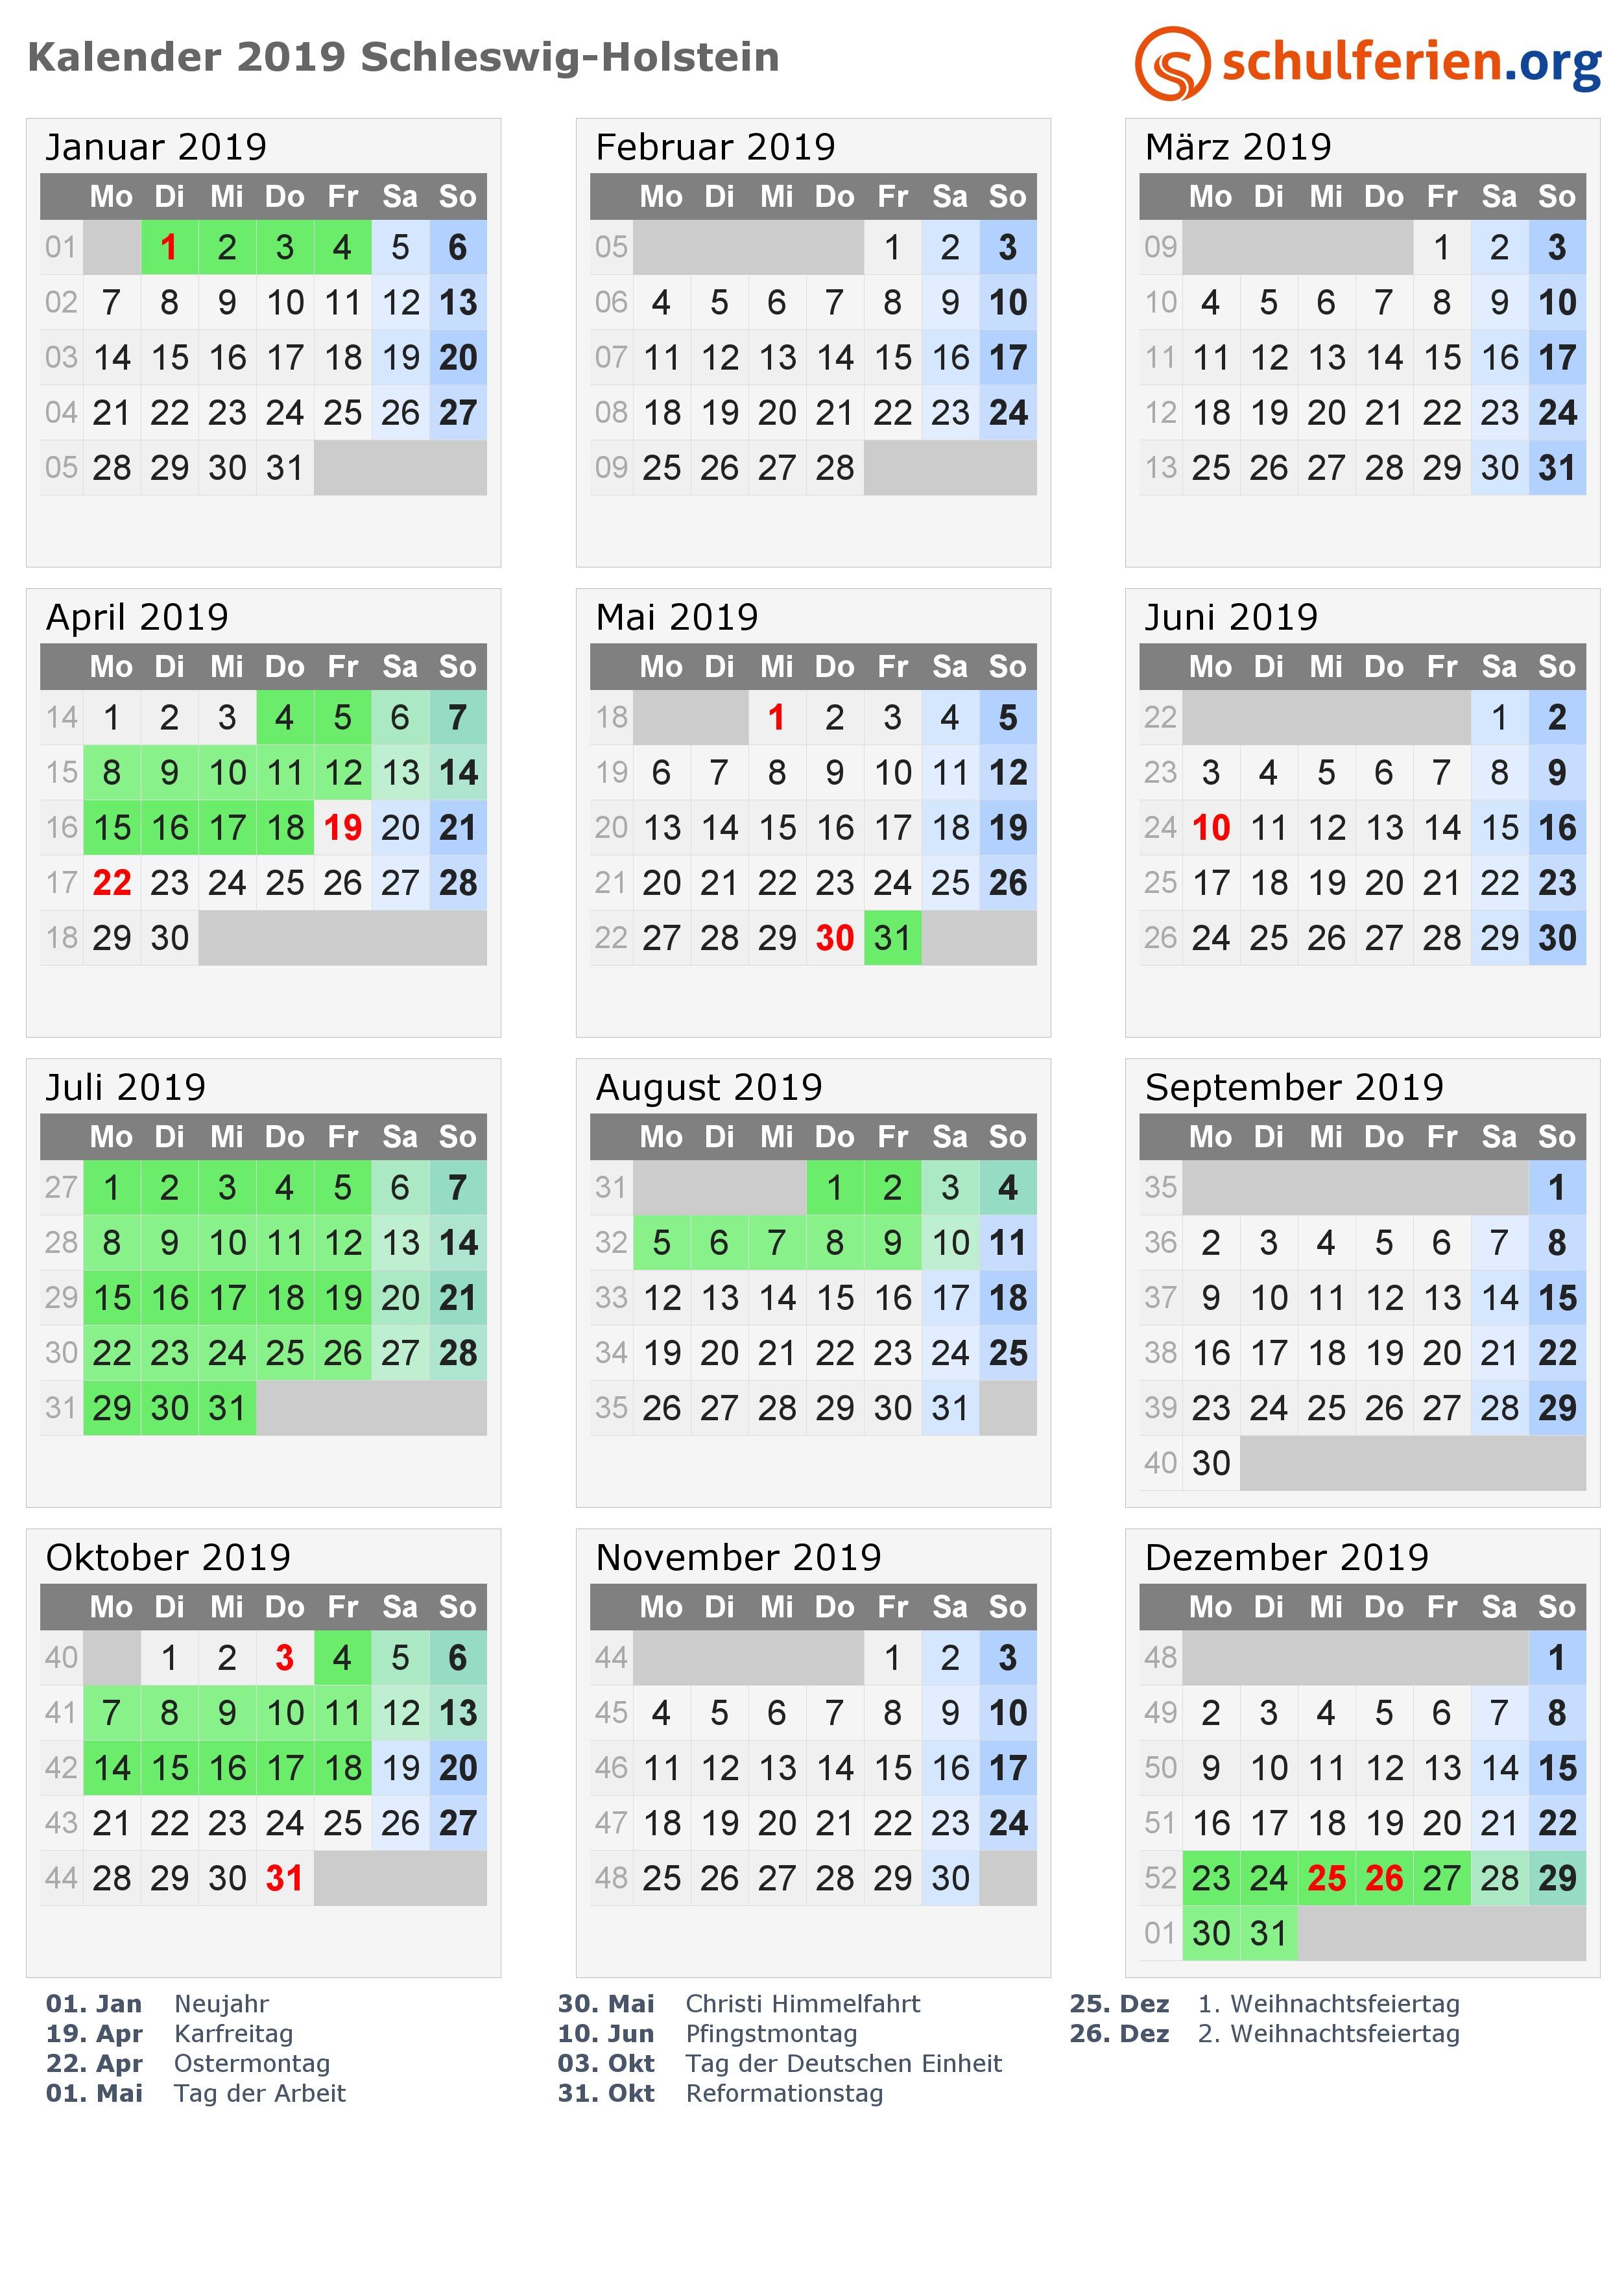 Ssc Calendar 2019 Pdf Download Más Recientes Kalender 2019 Ferien Schleswig Holstein Feiertage Of Ssc Calendar 2019 Pdf Download Recientes Downloads Exam Result Routine Etc